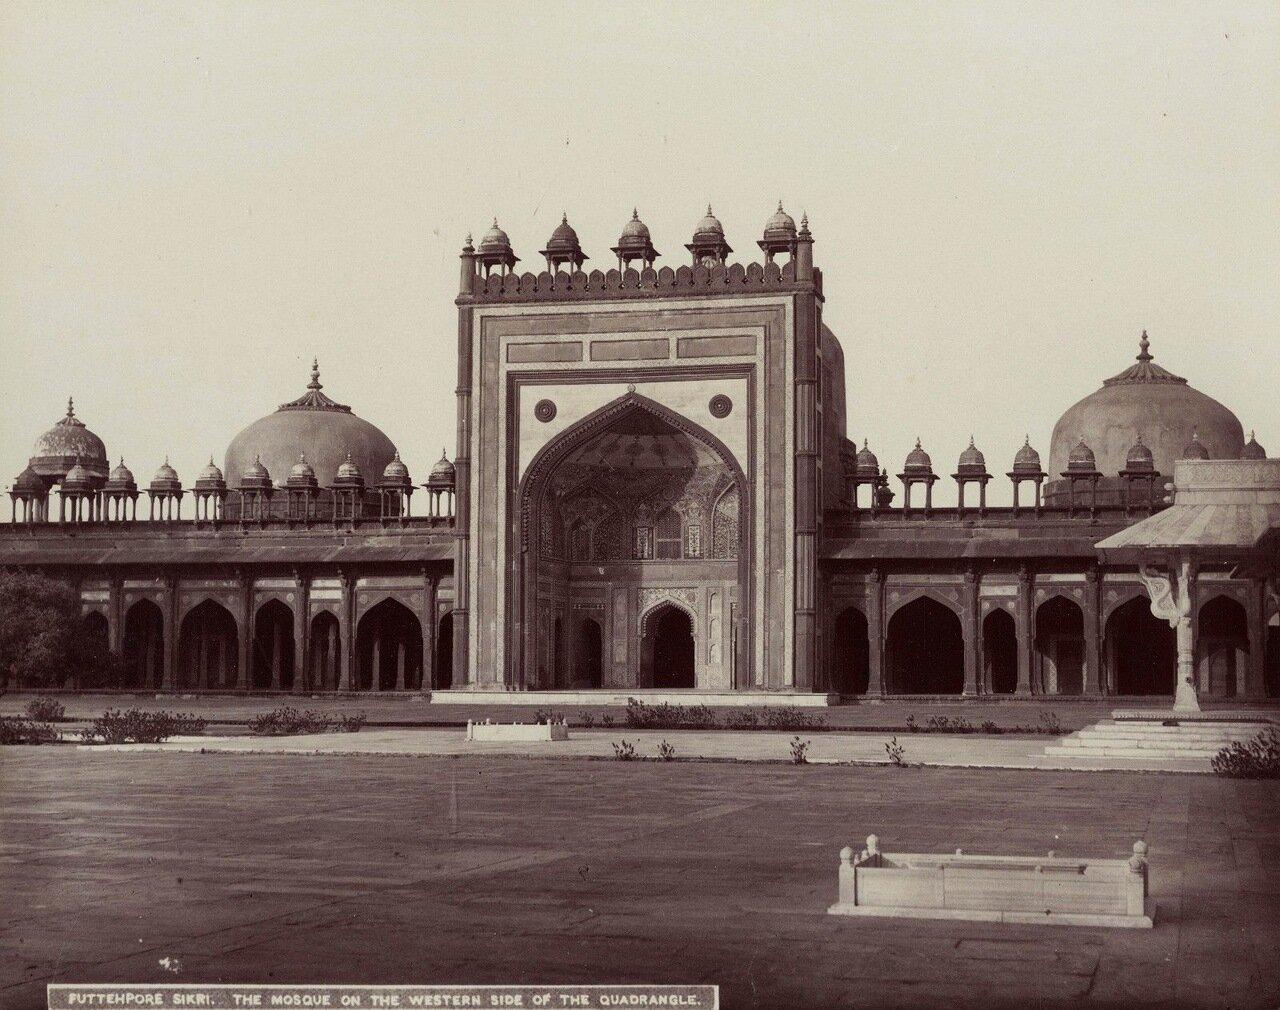 Фатехпур-Сикри. Императорская мечеть Джама Масджид. 1880